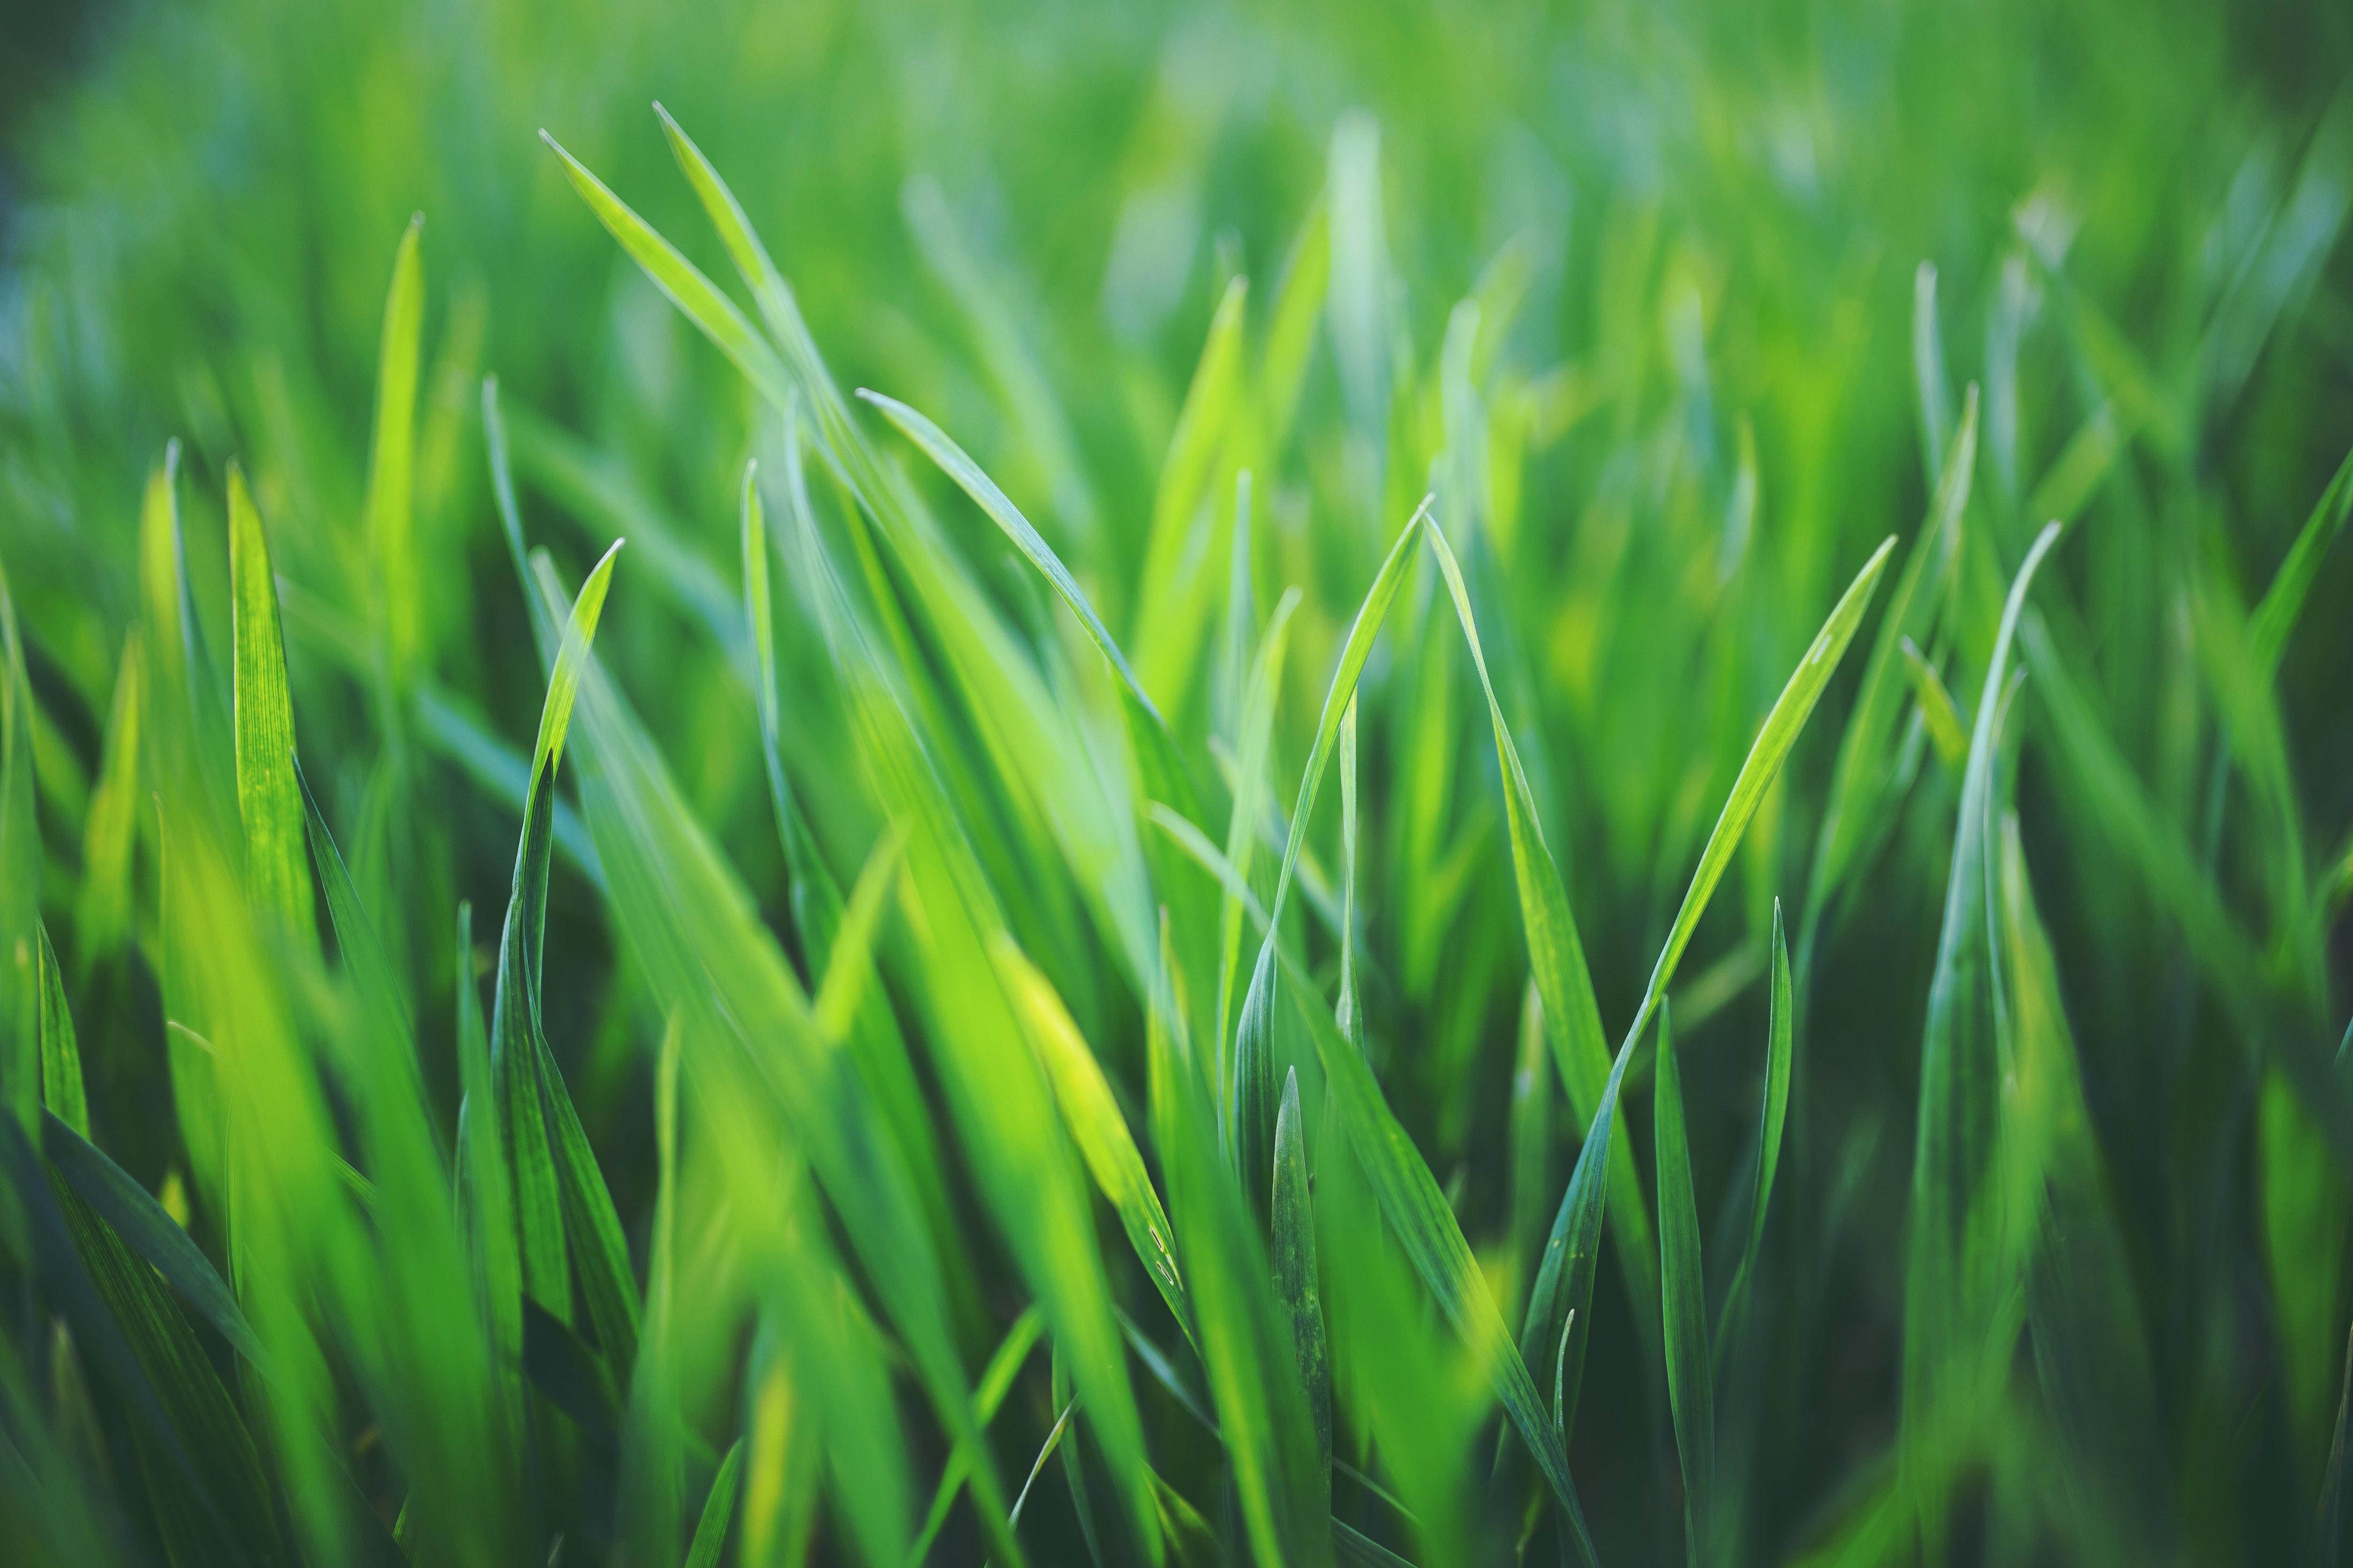 A lush, green lawn